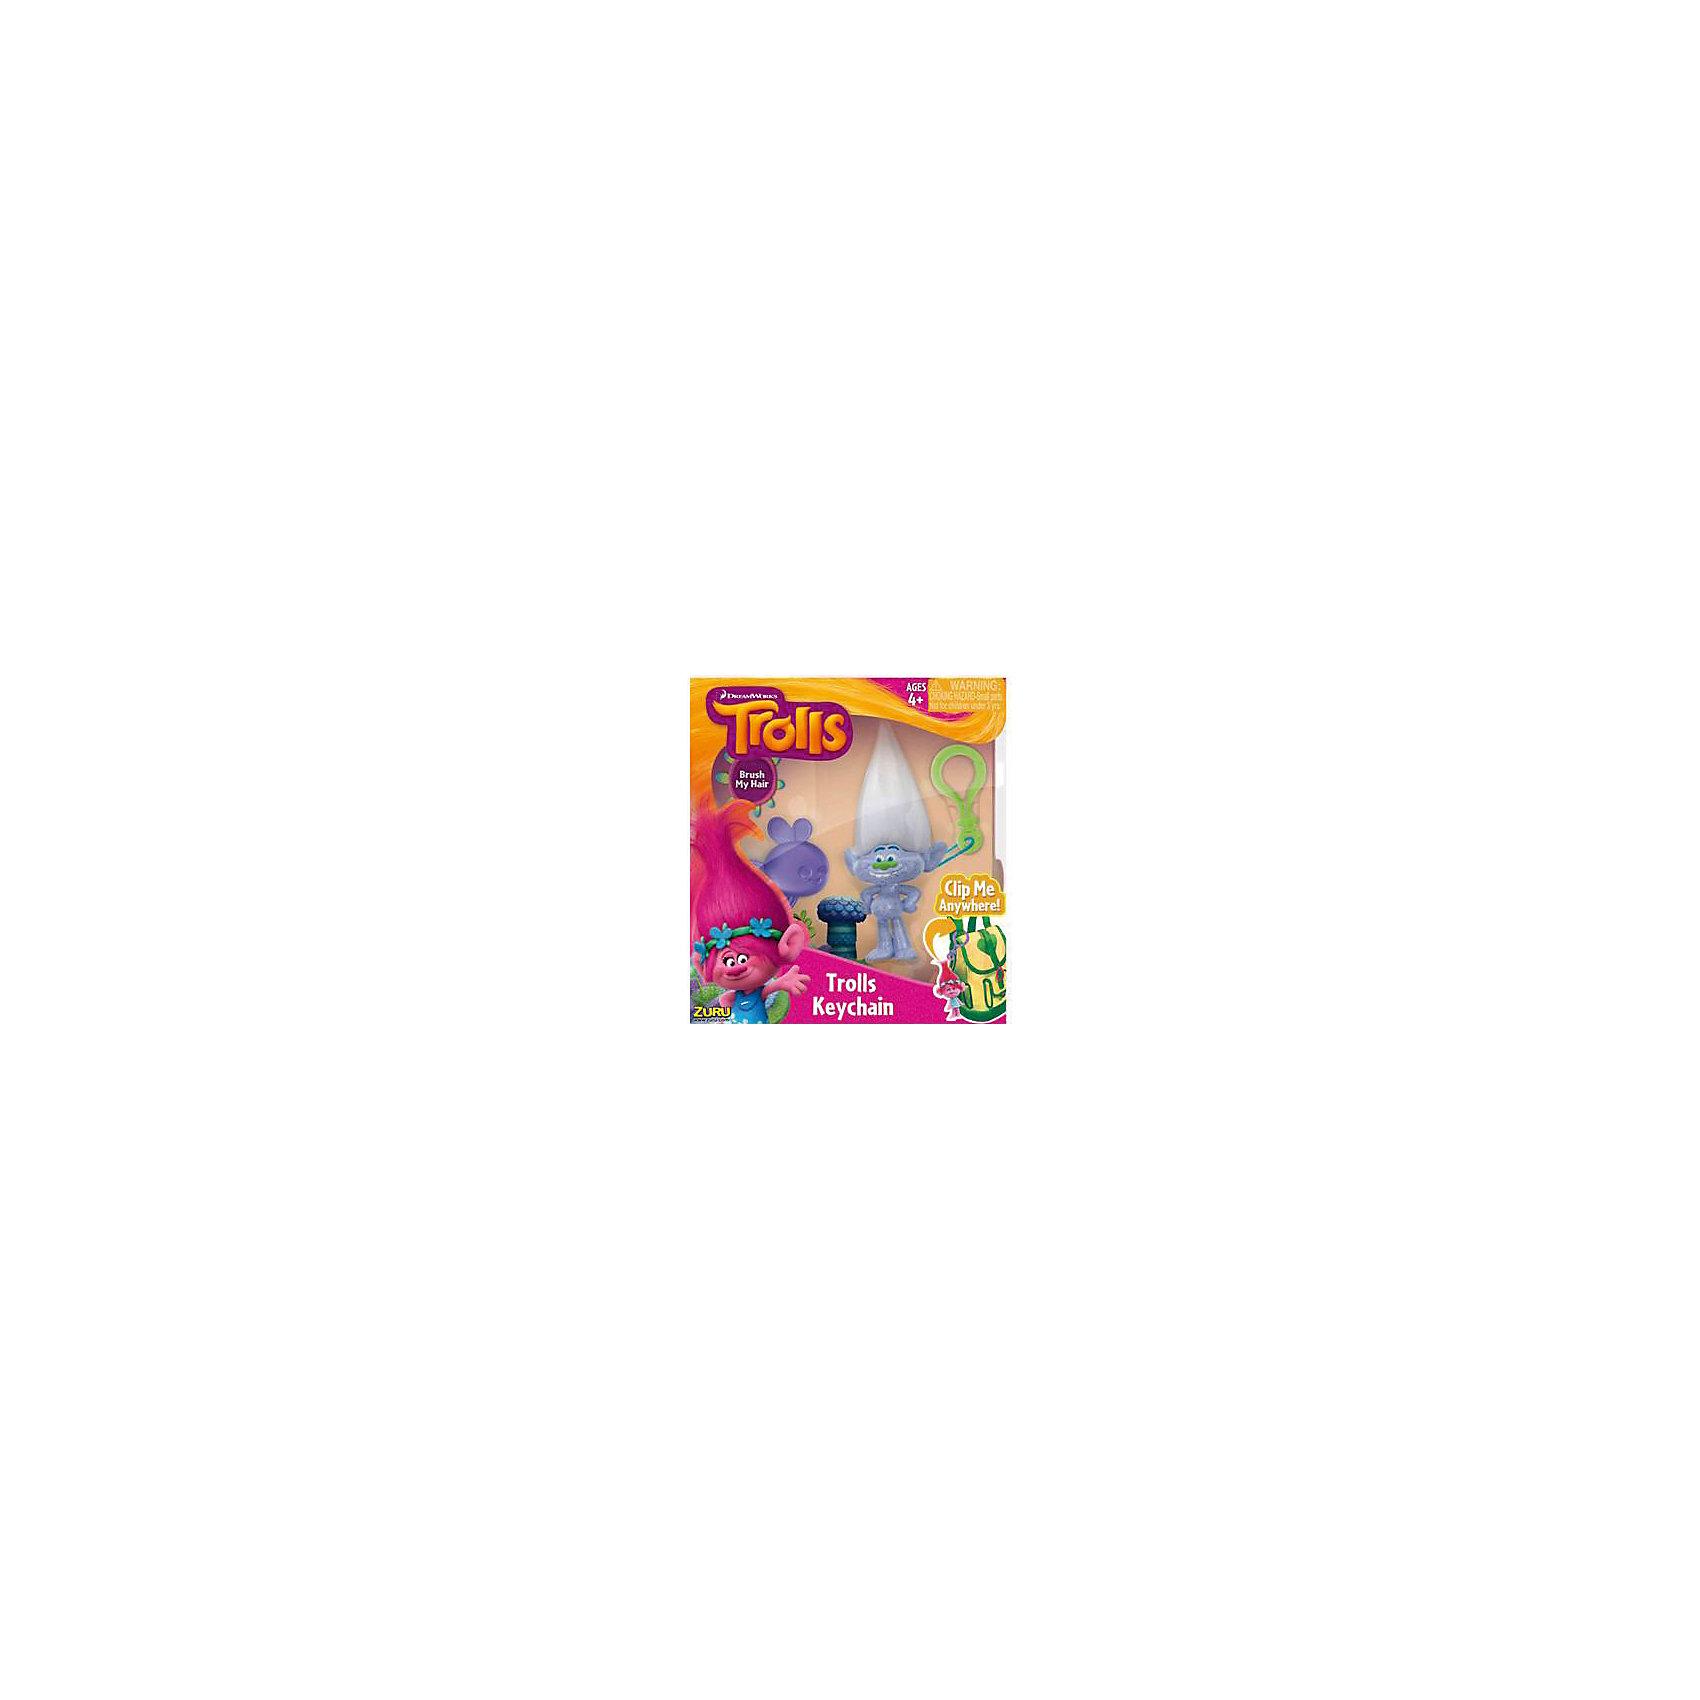 Фигурка Тролля Guy Diamond, на брелке в наборе с расческой, ТроллиКоллекционные и игровые фигурки<br>Характеристики фигурки Тролля Guy Diamond на брелке в наборе с расческой:<br><br>- возраст: от 4 лет<br>- пол: для девочек<br>- тип игрушки: брелок<br>- упаковка: коробка<br>- материал: полимер, текстиль<br>- тематика: фигурки герои мультфильмов<br>- размеры: высота фигурки 70 мм <br>- вес в упаковке: 105 г<br>- размер упаковки: 16 * 14.5 * 5<br>- состав: фигурка-брелок, расческа<br><br>Встречайте тролля Guy Diamond являющегося одним из главных героев нового мультфильма Trolls от студии DreamWorks (ДримВоркс). Тролли это крошечные забавные существа, живущие в своем маленьком мирке. Фигурка-тролль с клипсой, выполнена из качественного пластика, непременно понравится каждому малышу, посмотревшему мультик. Игрушка выполнена в высокой детализации, внешне симпатичная и смешная. В комплекте идет игрушечная расческа, которой можно расчесывать пышную копну волос тролля и делать различные прически. С помощью клипсы можно прикрепить фигурку к рюкзаку, сумке, или к любому другому подходящему предмету.<br><br>Фигурку Тролля Guy Diamond на брелке в наборе с расческой можно купить в нашем интернет-магазине<br><br>Ширина мм: 150<br>Глубина мм: 50<br>Высота мм: 160<br>Вес г: 100<br>Возраст от месяцев: 36<br>Возраст до месяцев: 192<br>Пол: Унисекс<br>Возраст: Детский<br>SKU: 5030525